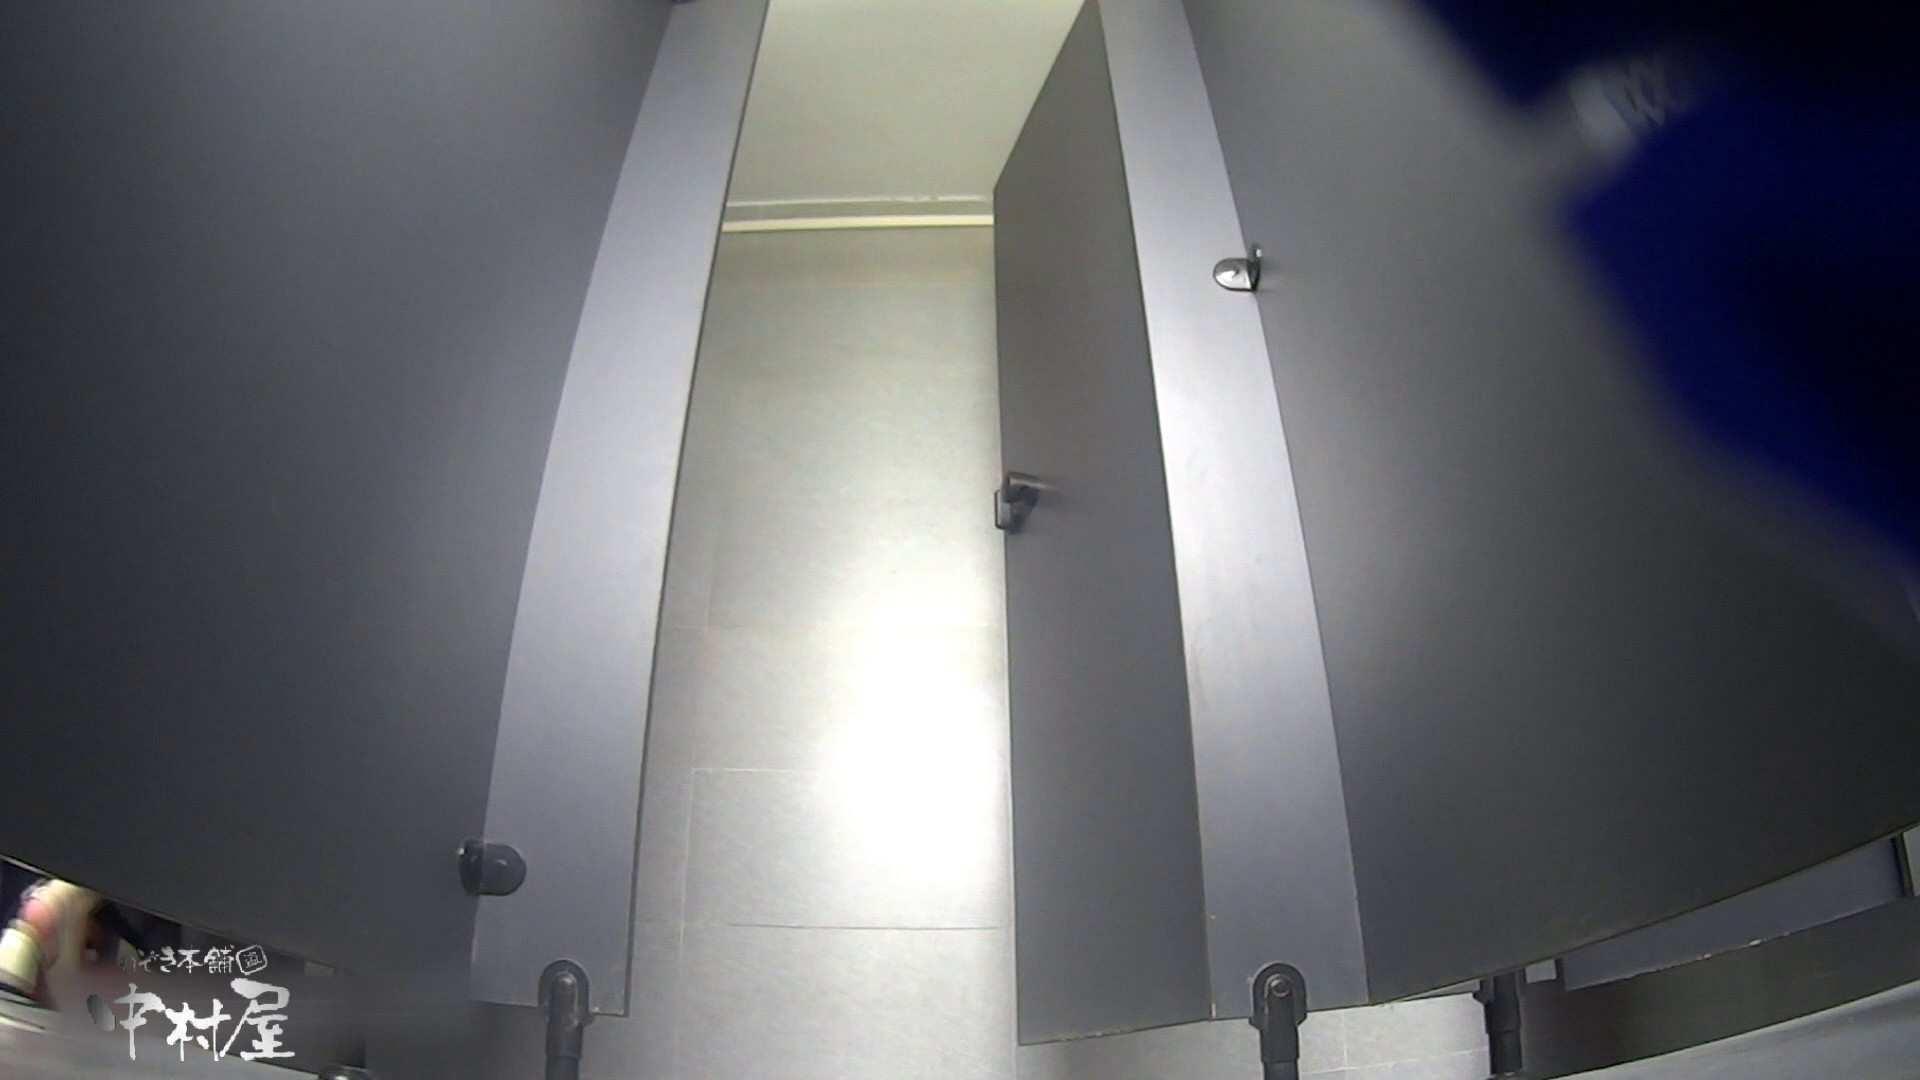 ツンデレお女市さんのトイレ事情 大学休憩時間の洗面所事情32 盗撮 | 洗面所  55pic 5